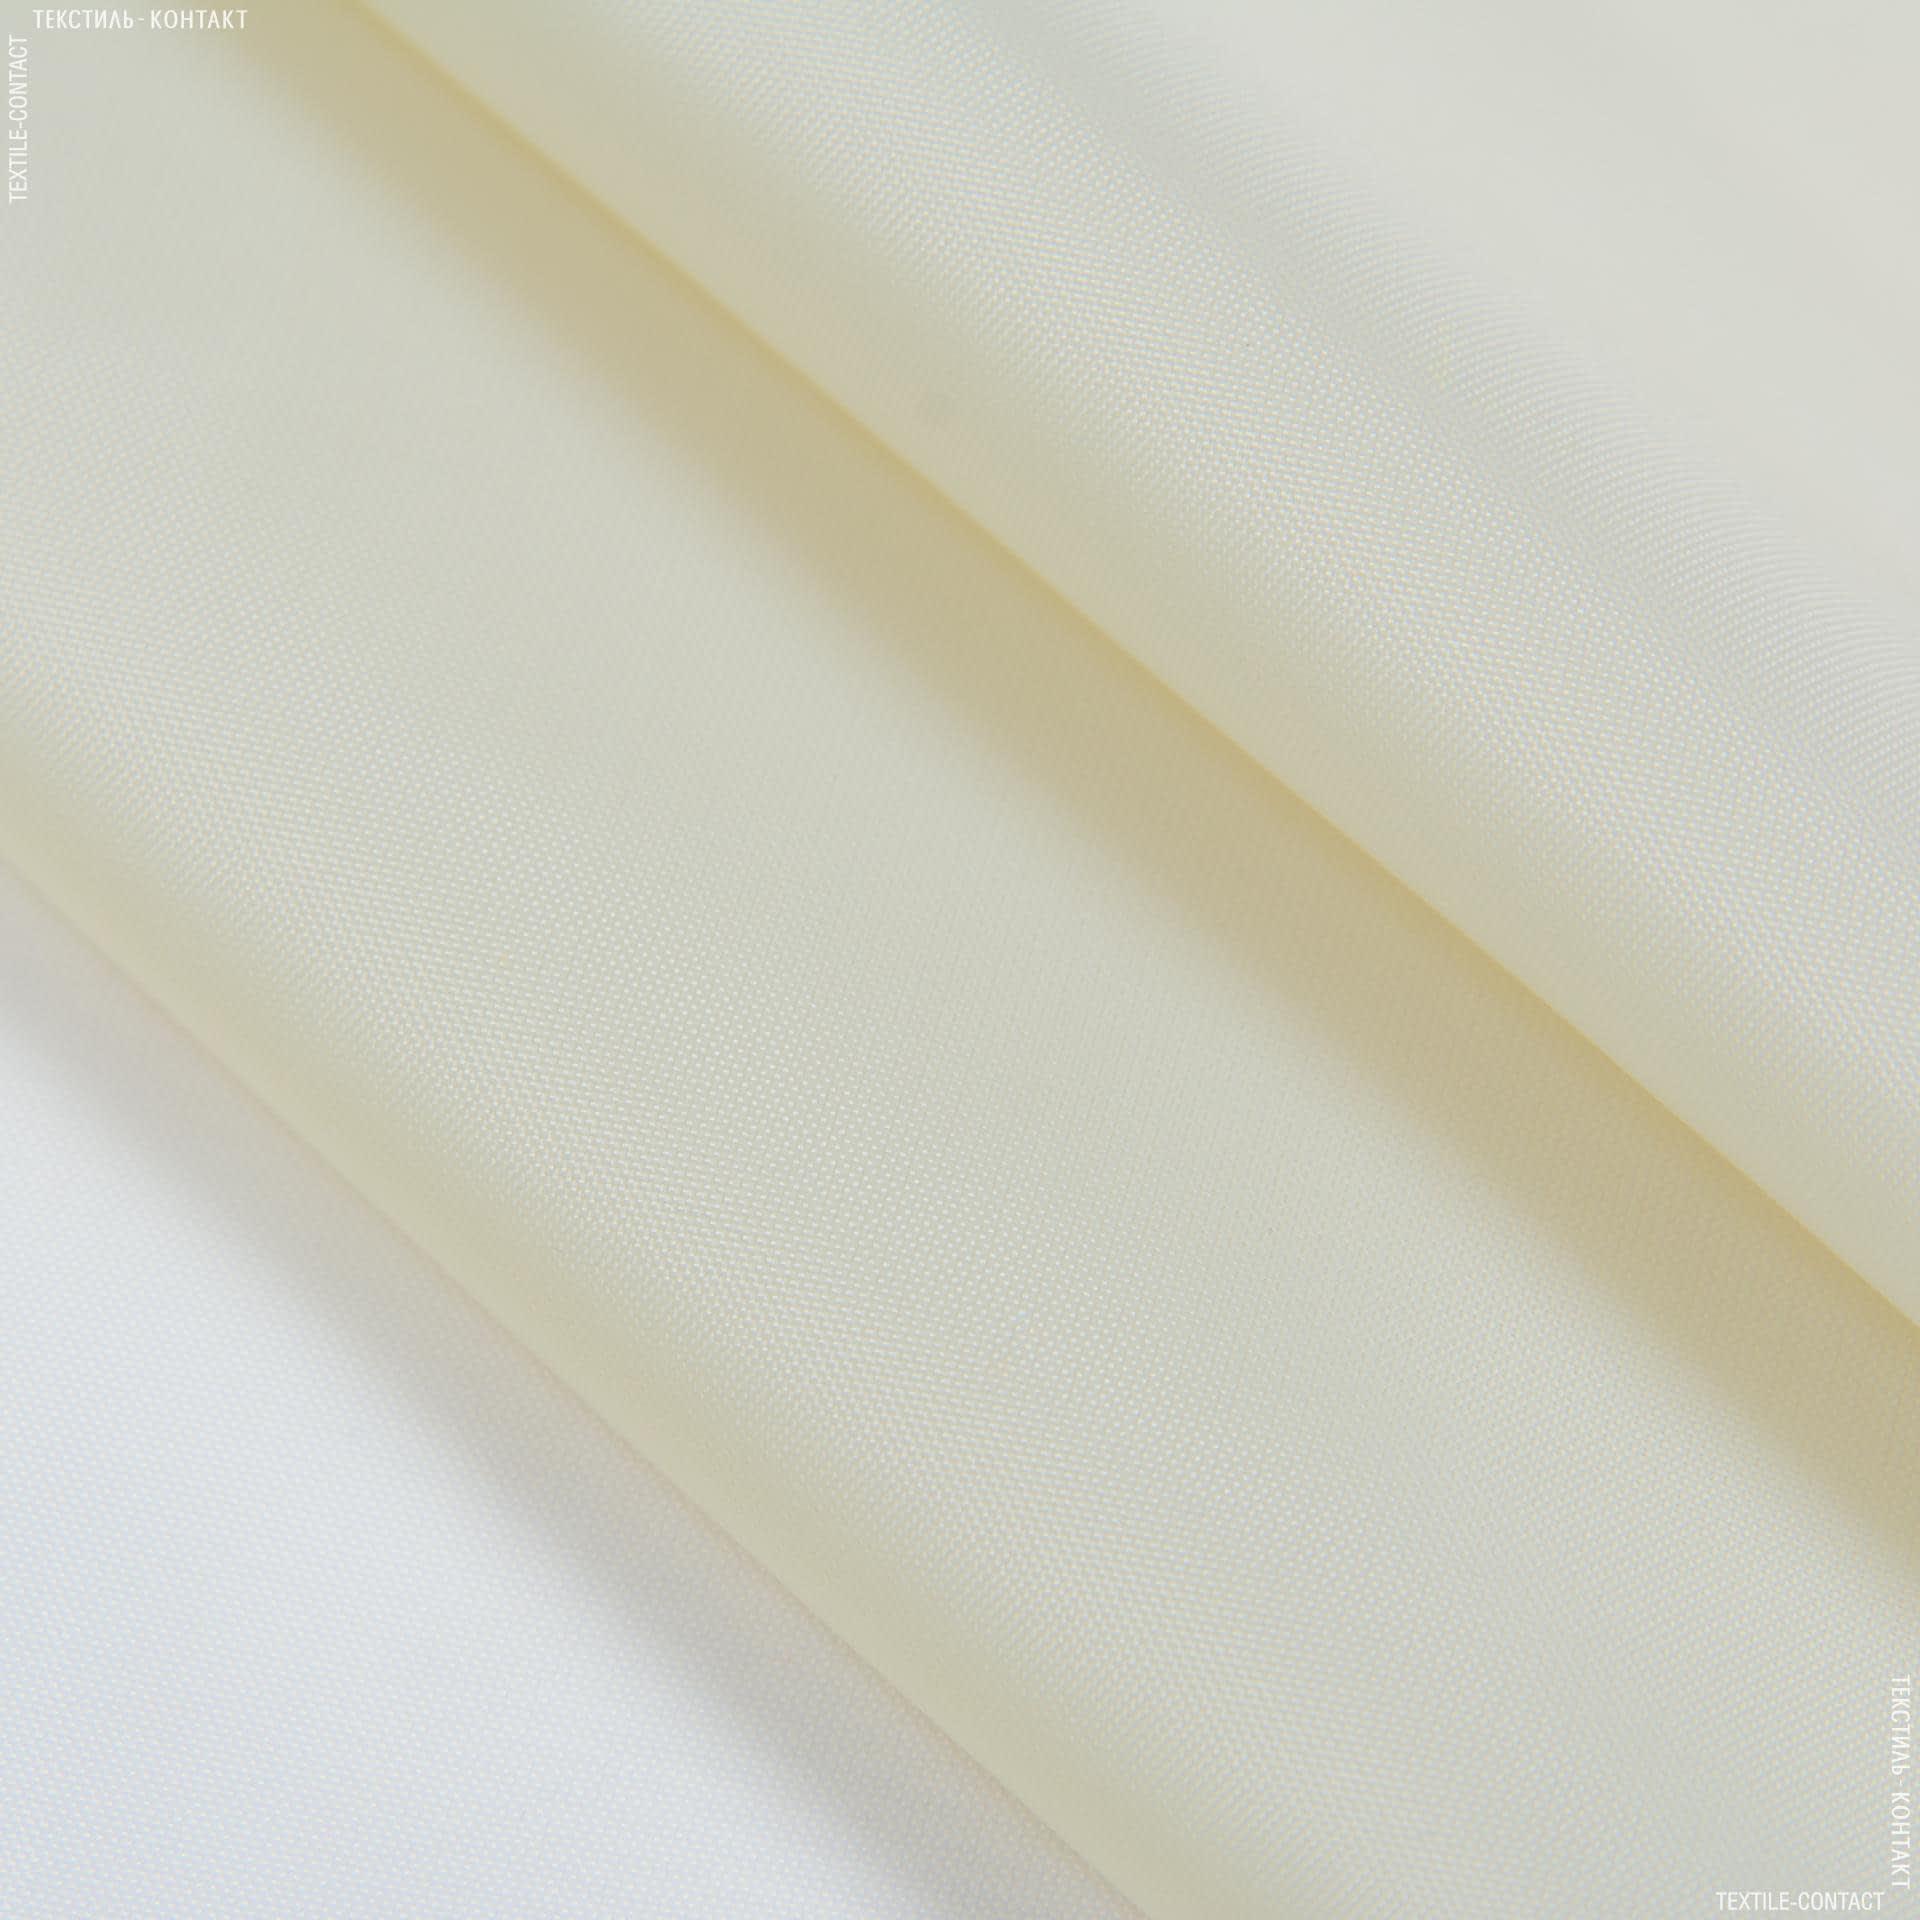 Тканини підкладкова тканина - Підкладка 190т пісочний